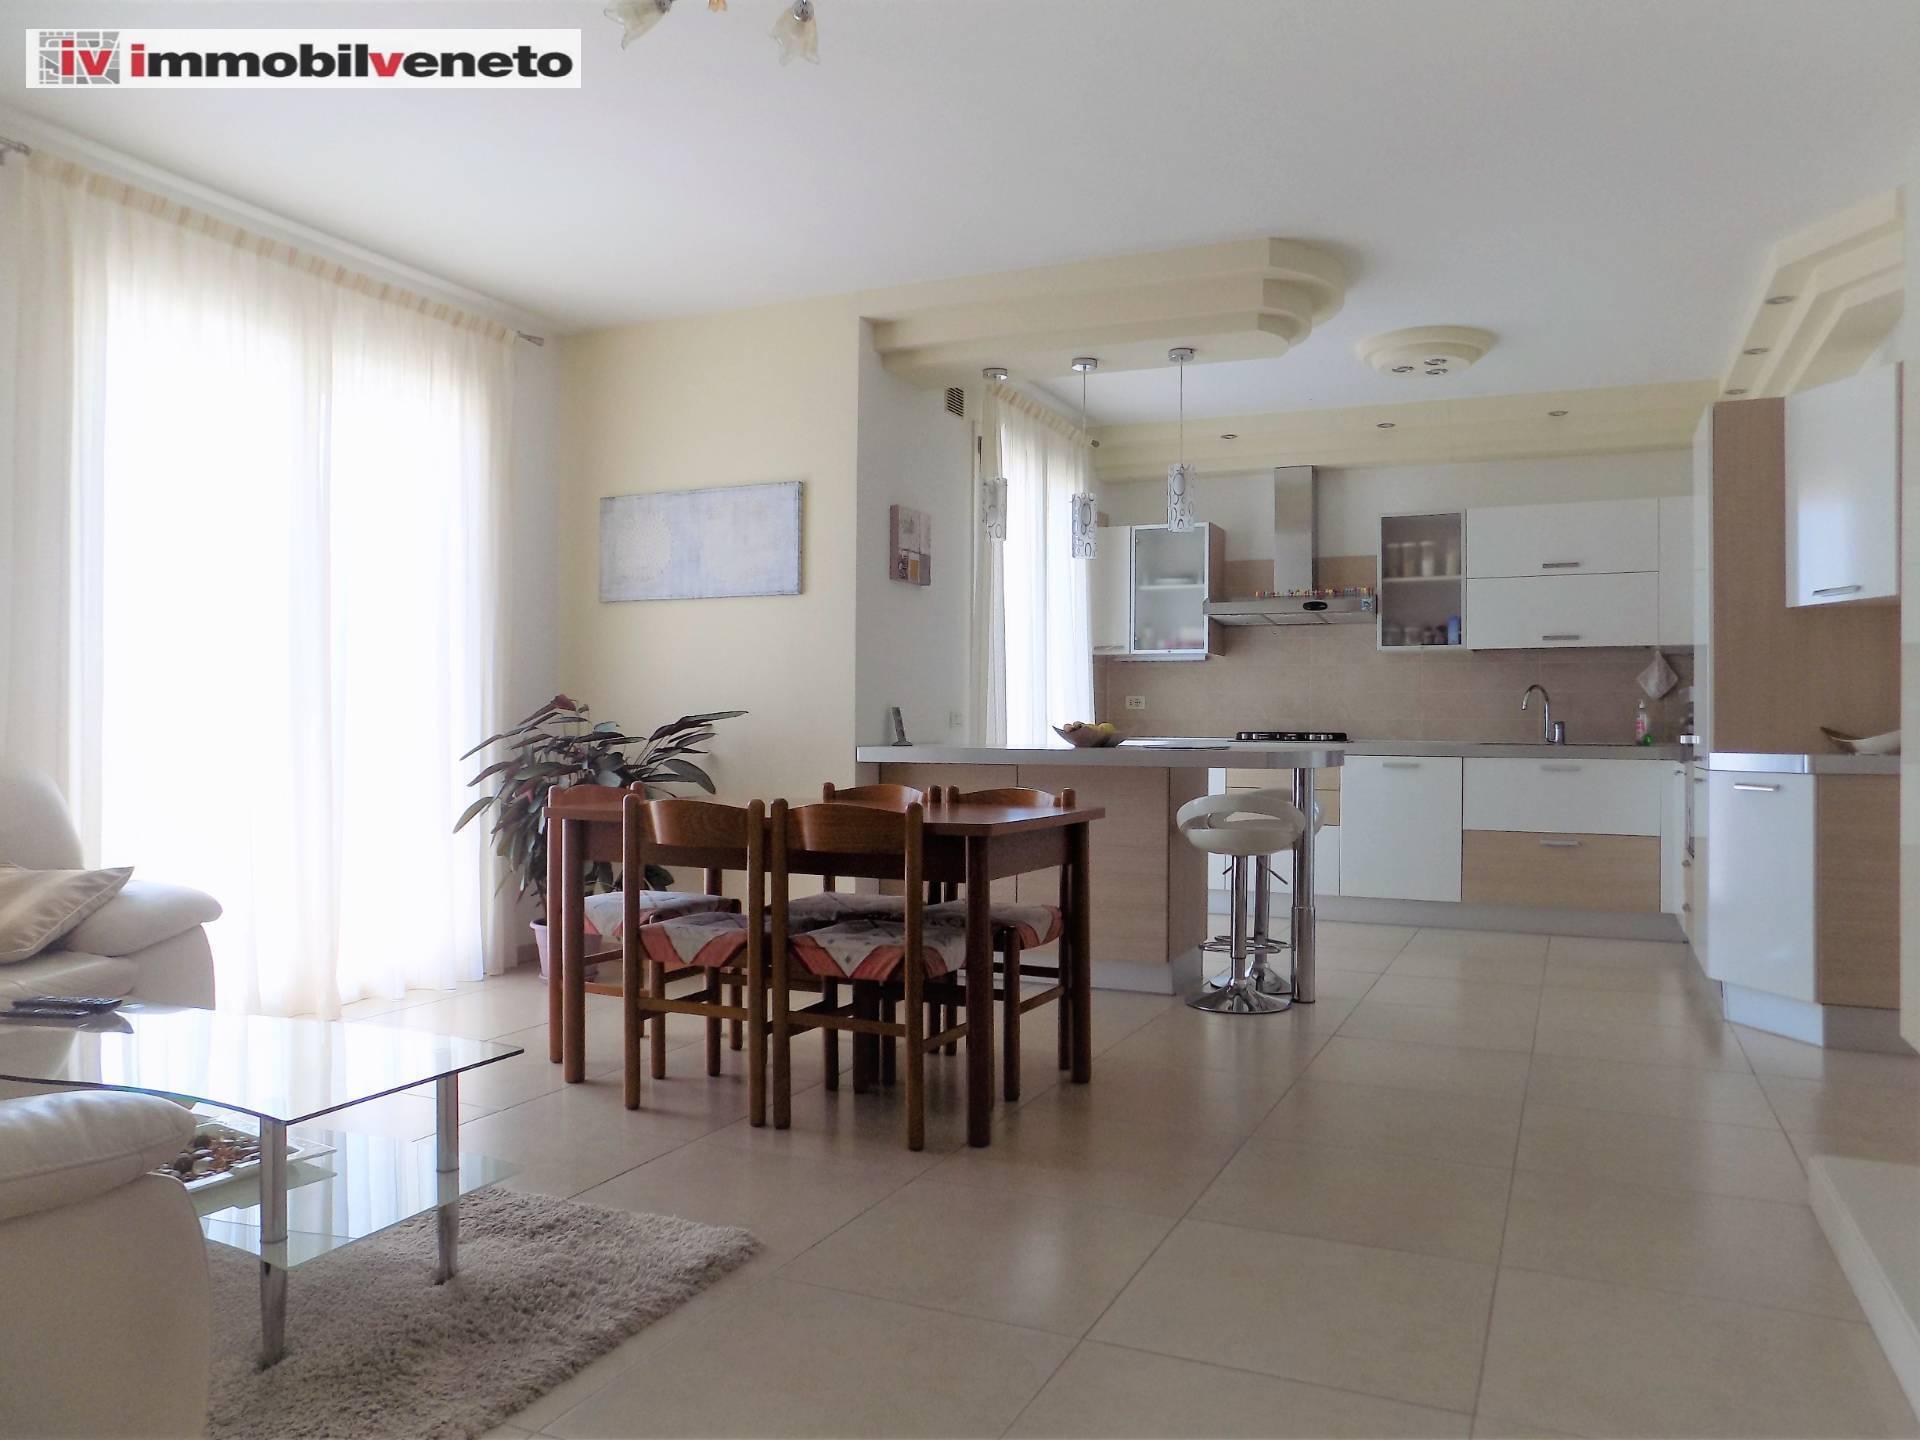 Appartamento in vendita a Sarego, 5 locali, zona do, prezzo € 197.000   PortaleAgenzieImmobiliari.it